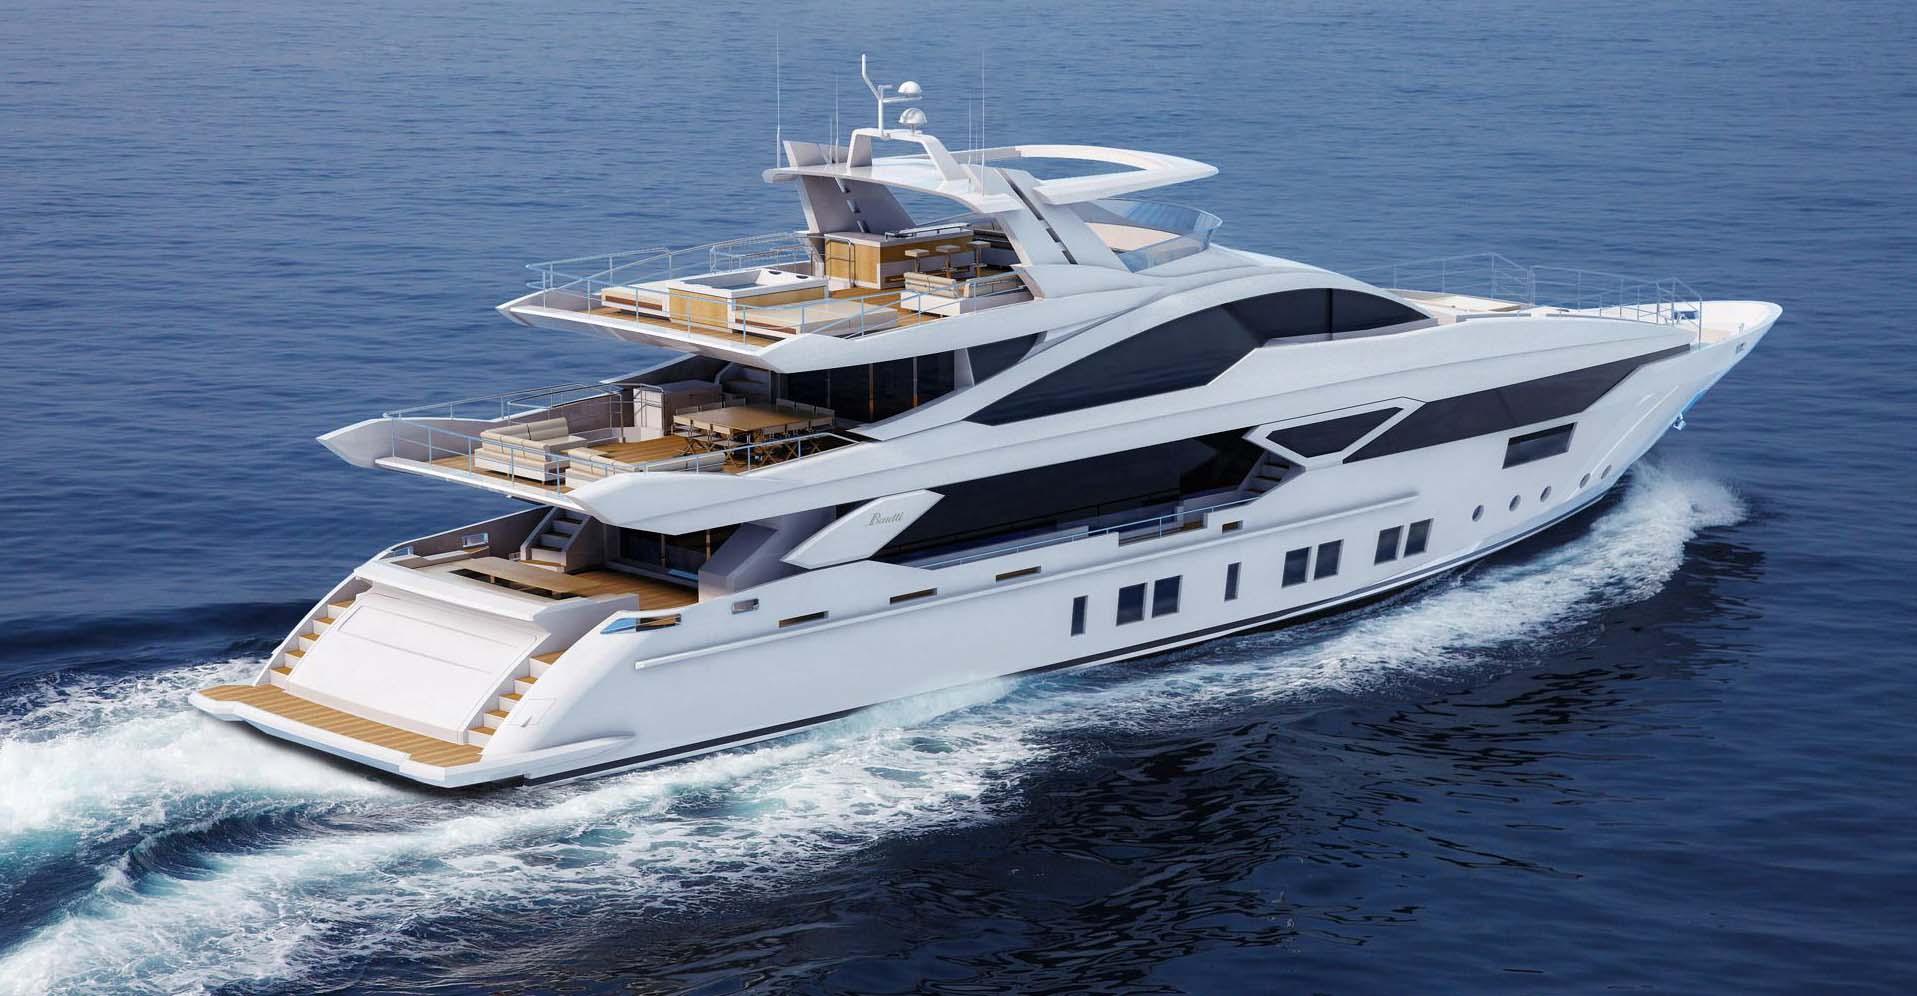 Veloce 140, estilo italiano en el mar